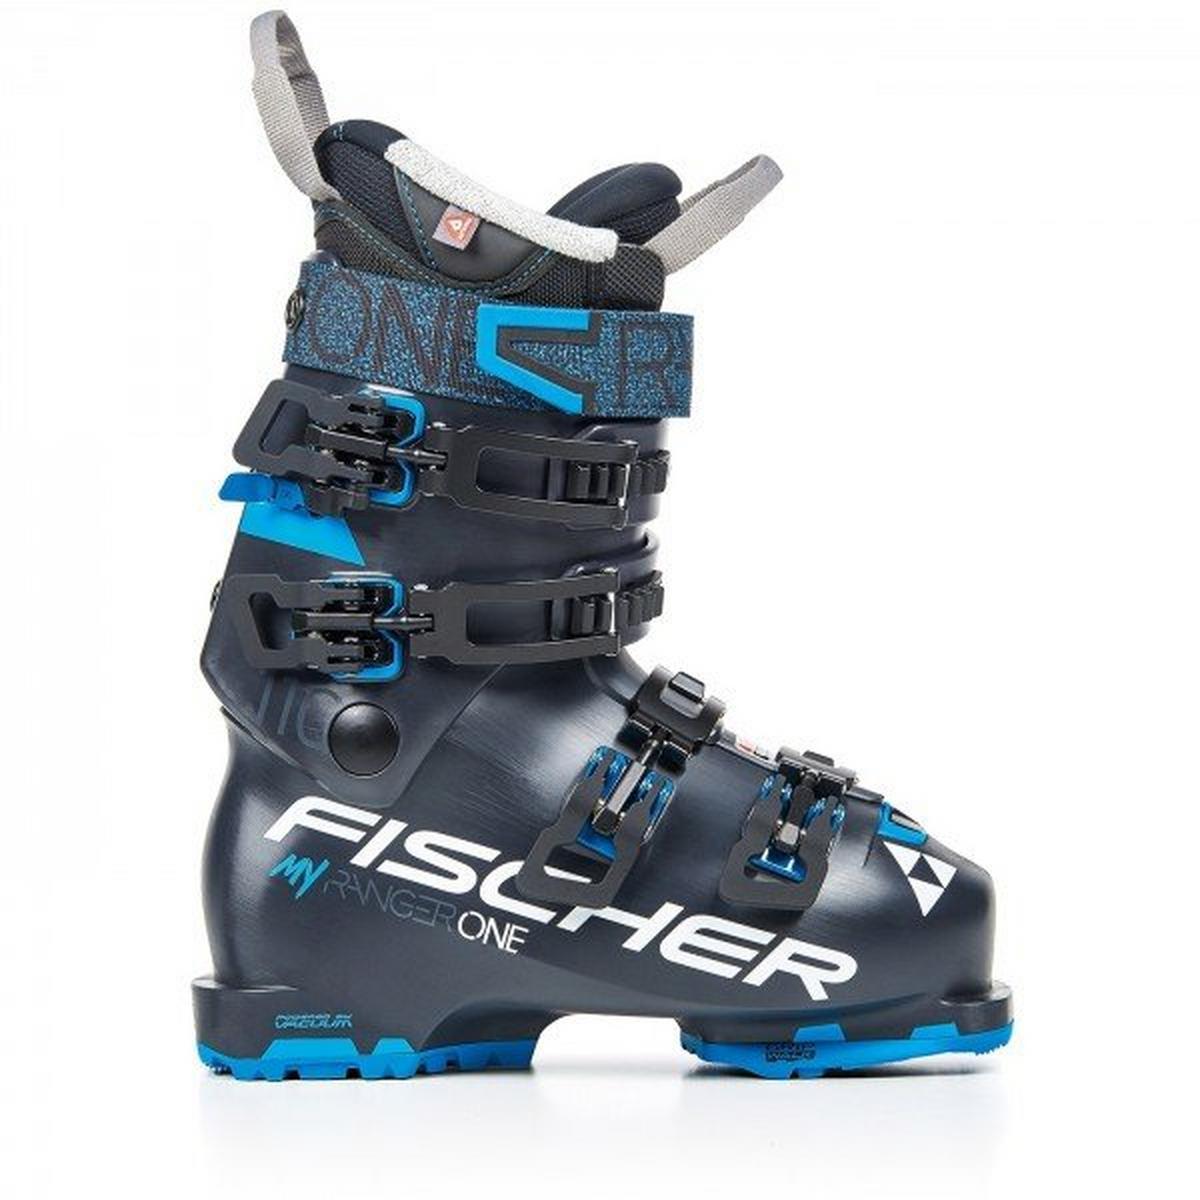 Fischer Women's MY Ranger One 110 PBV Walk Ski Boot - Black/Blue